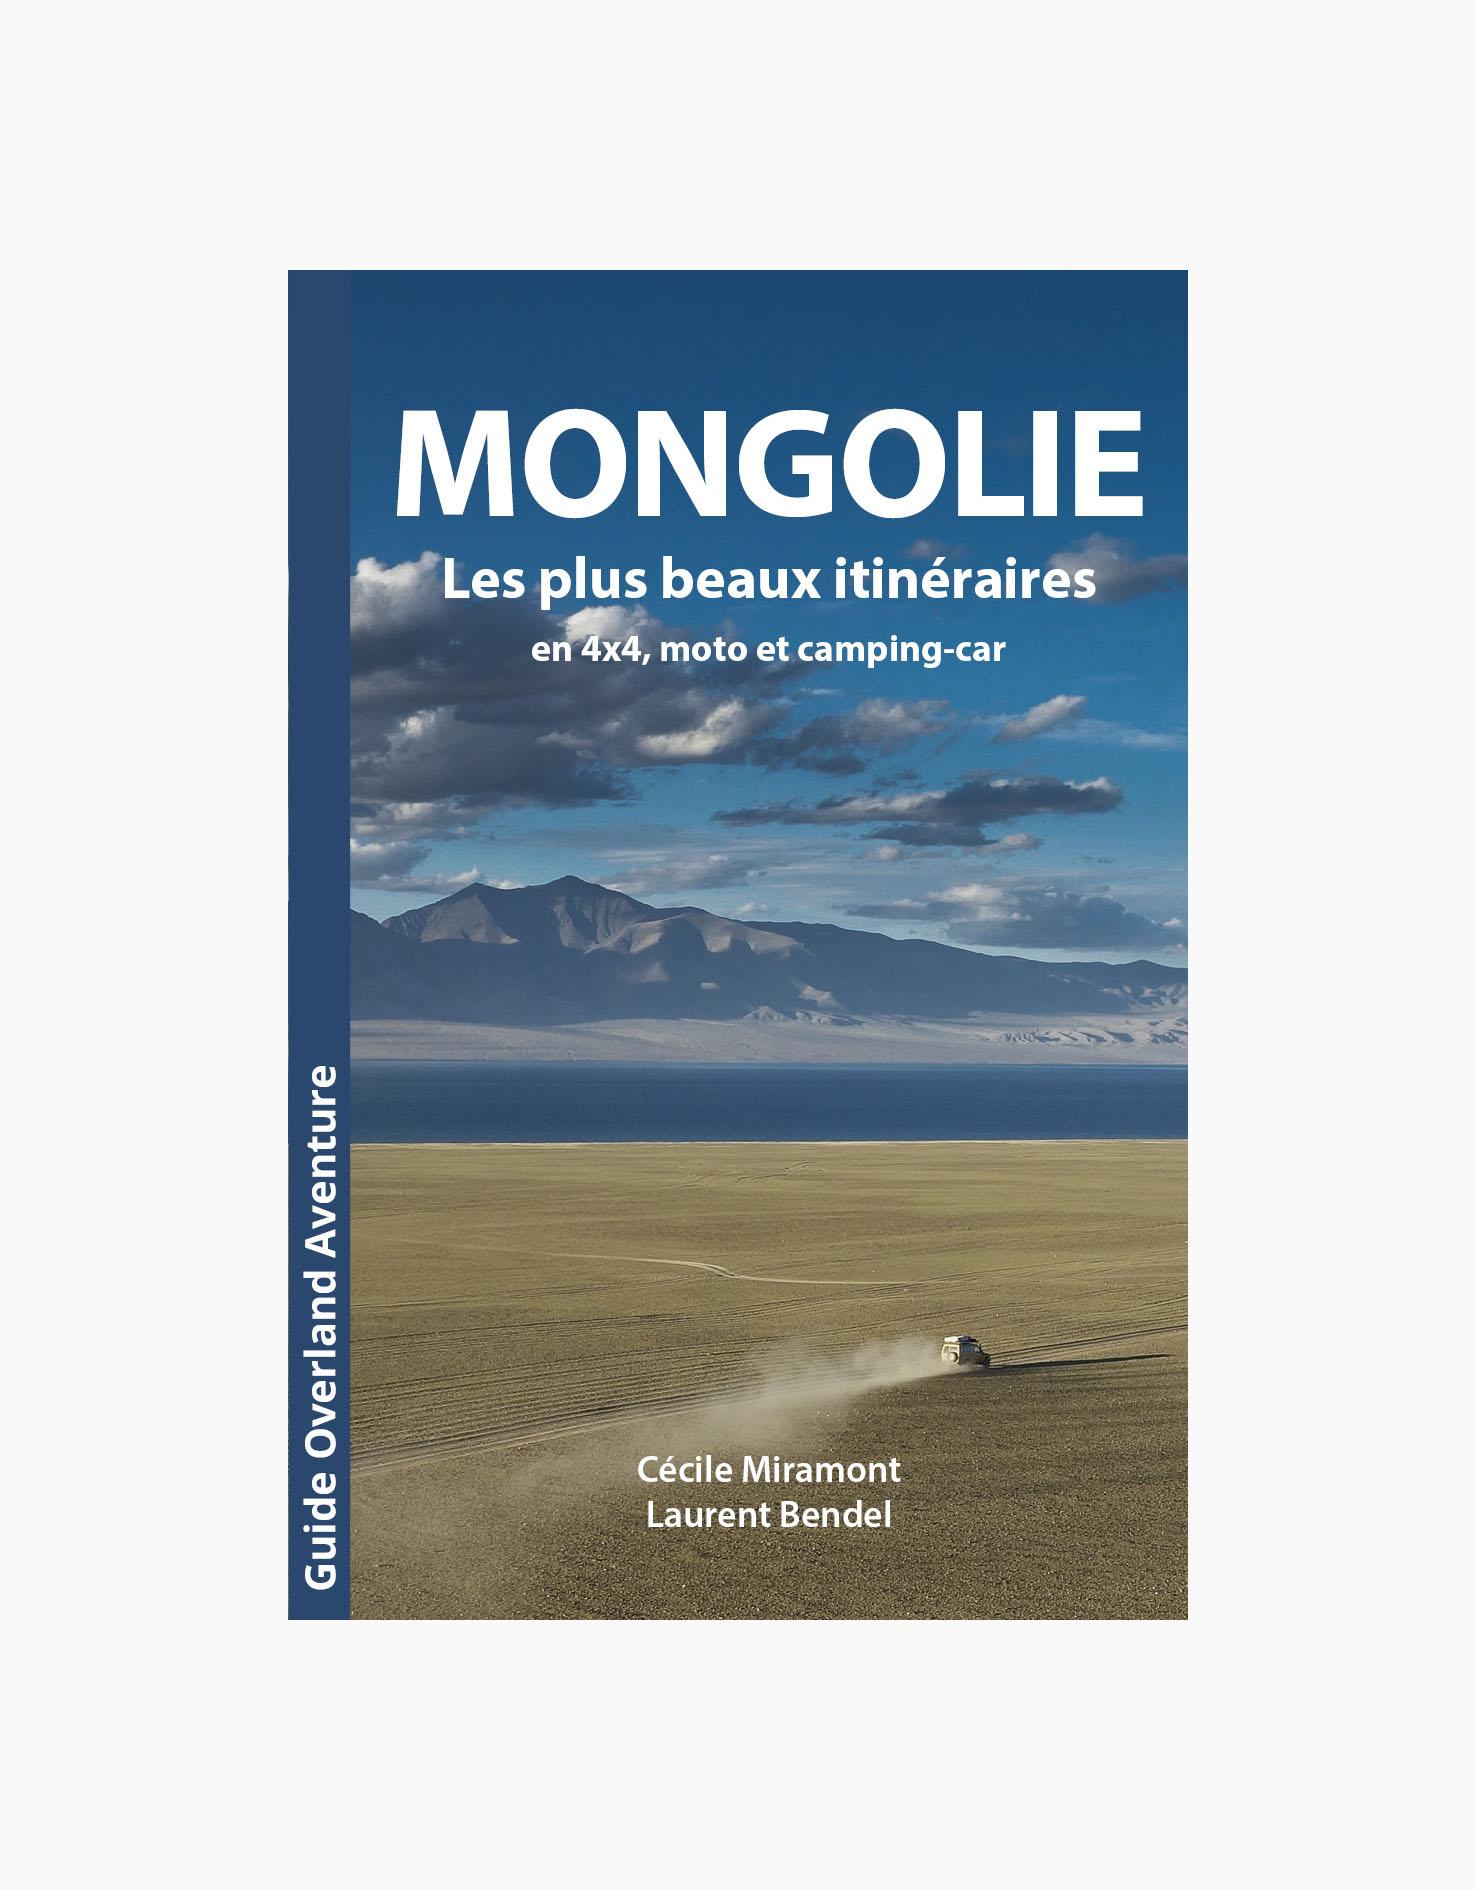 Le guide Mongolie